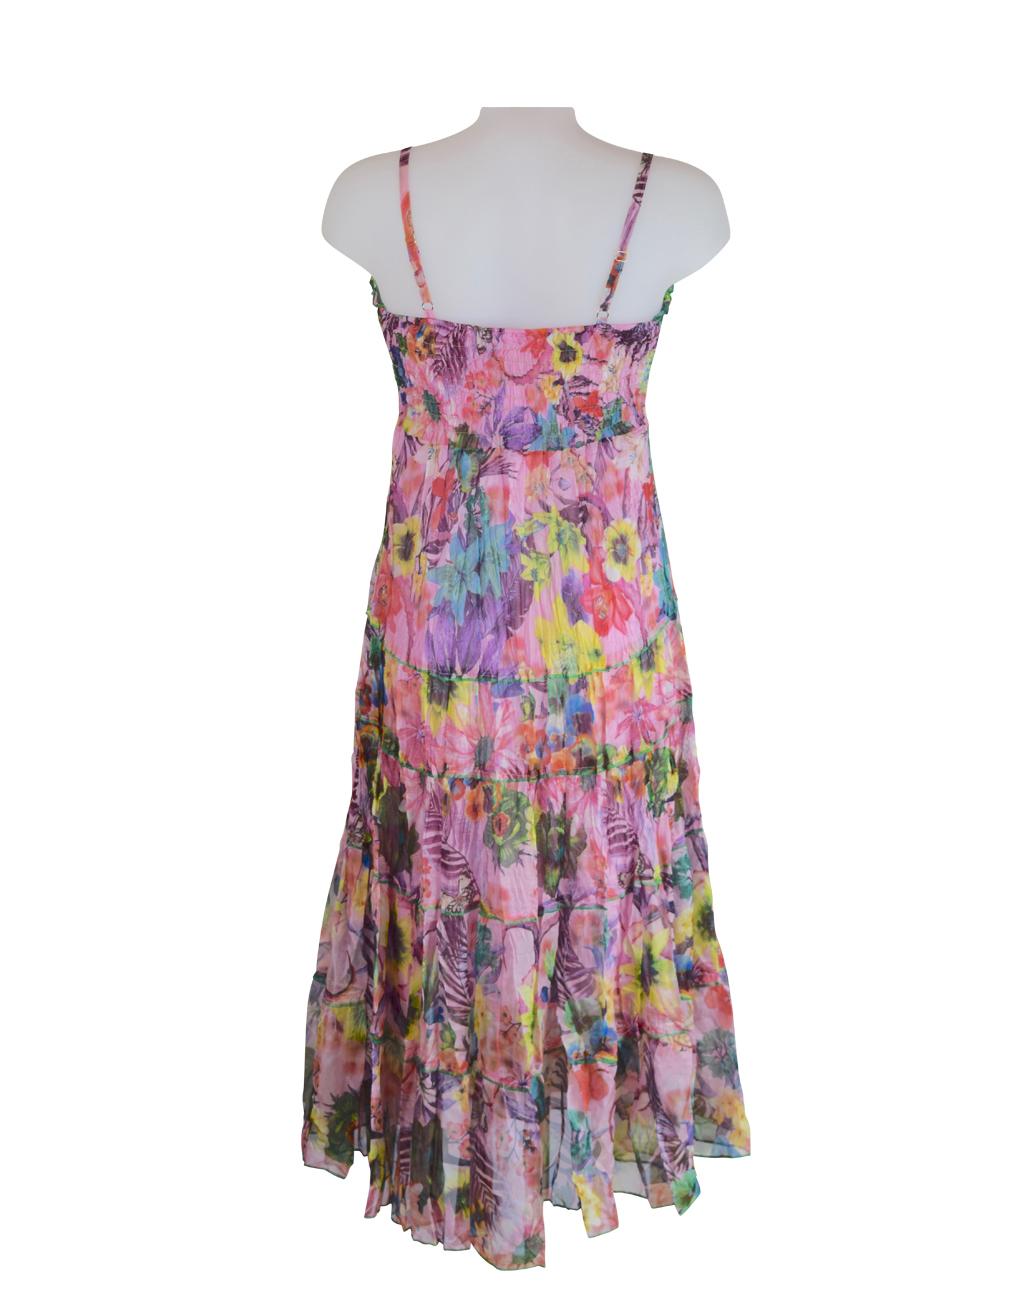 Sensations Pour Elle's pink maxi dress